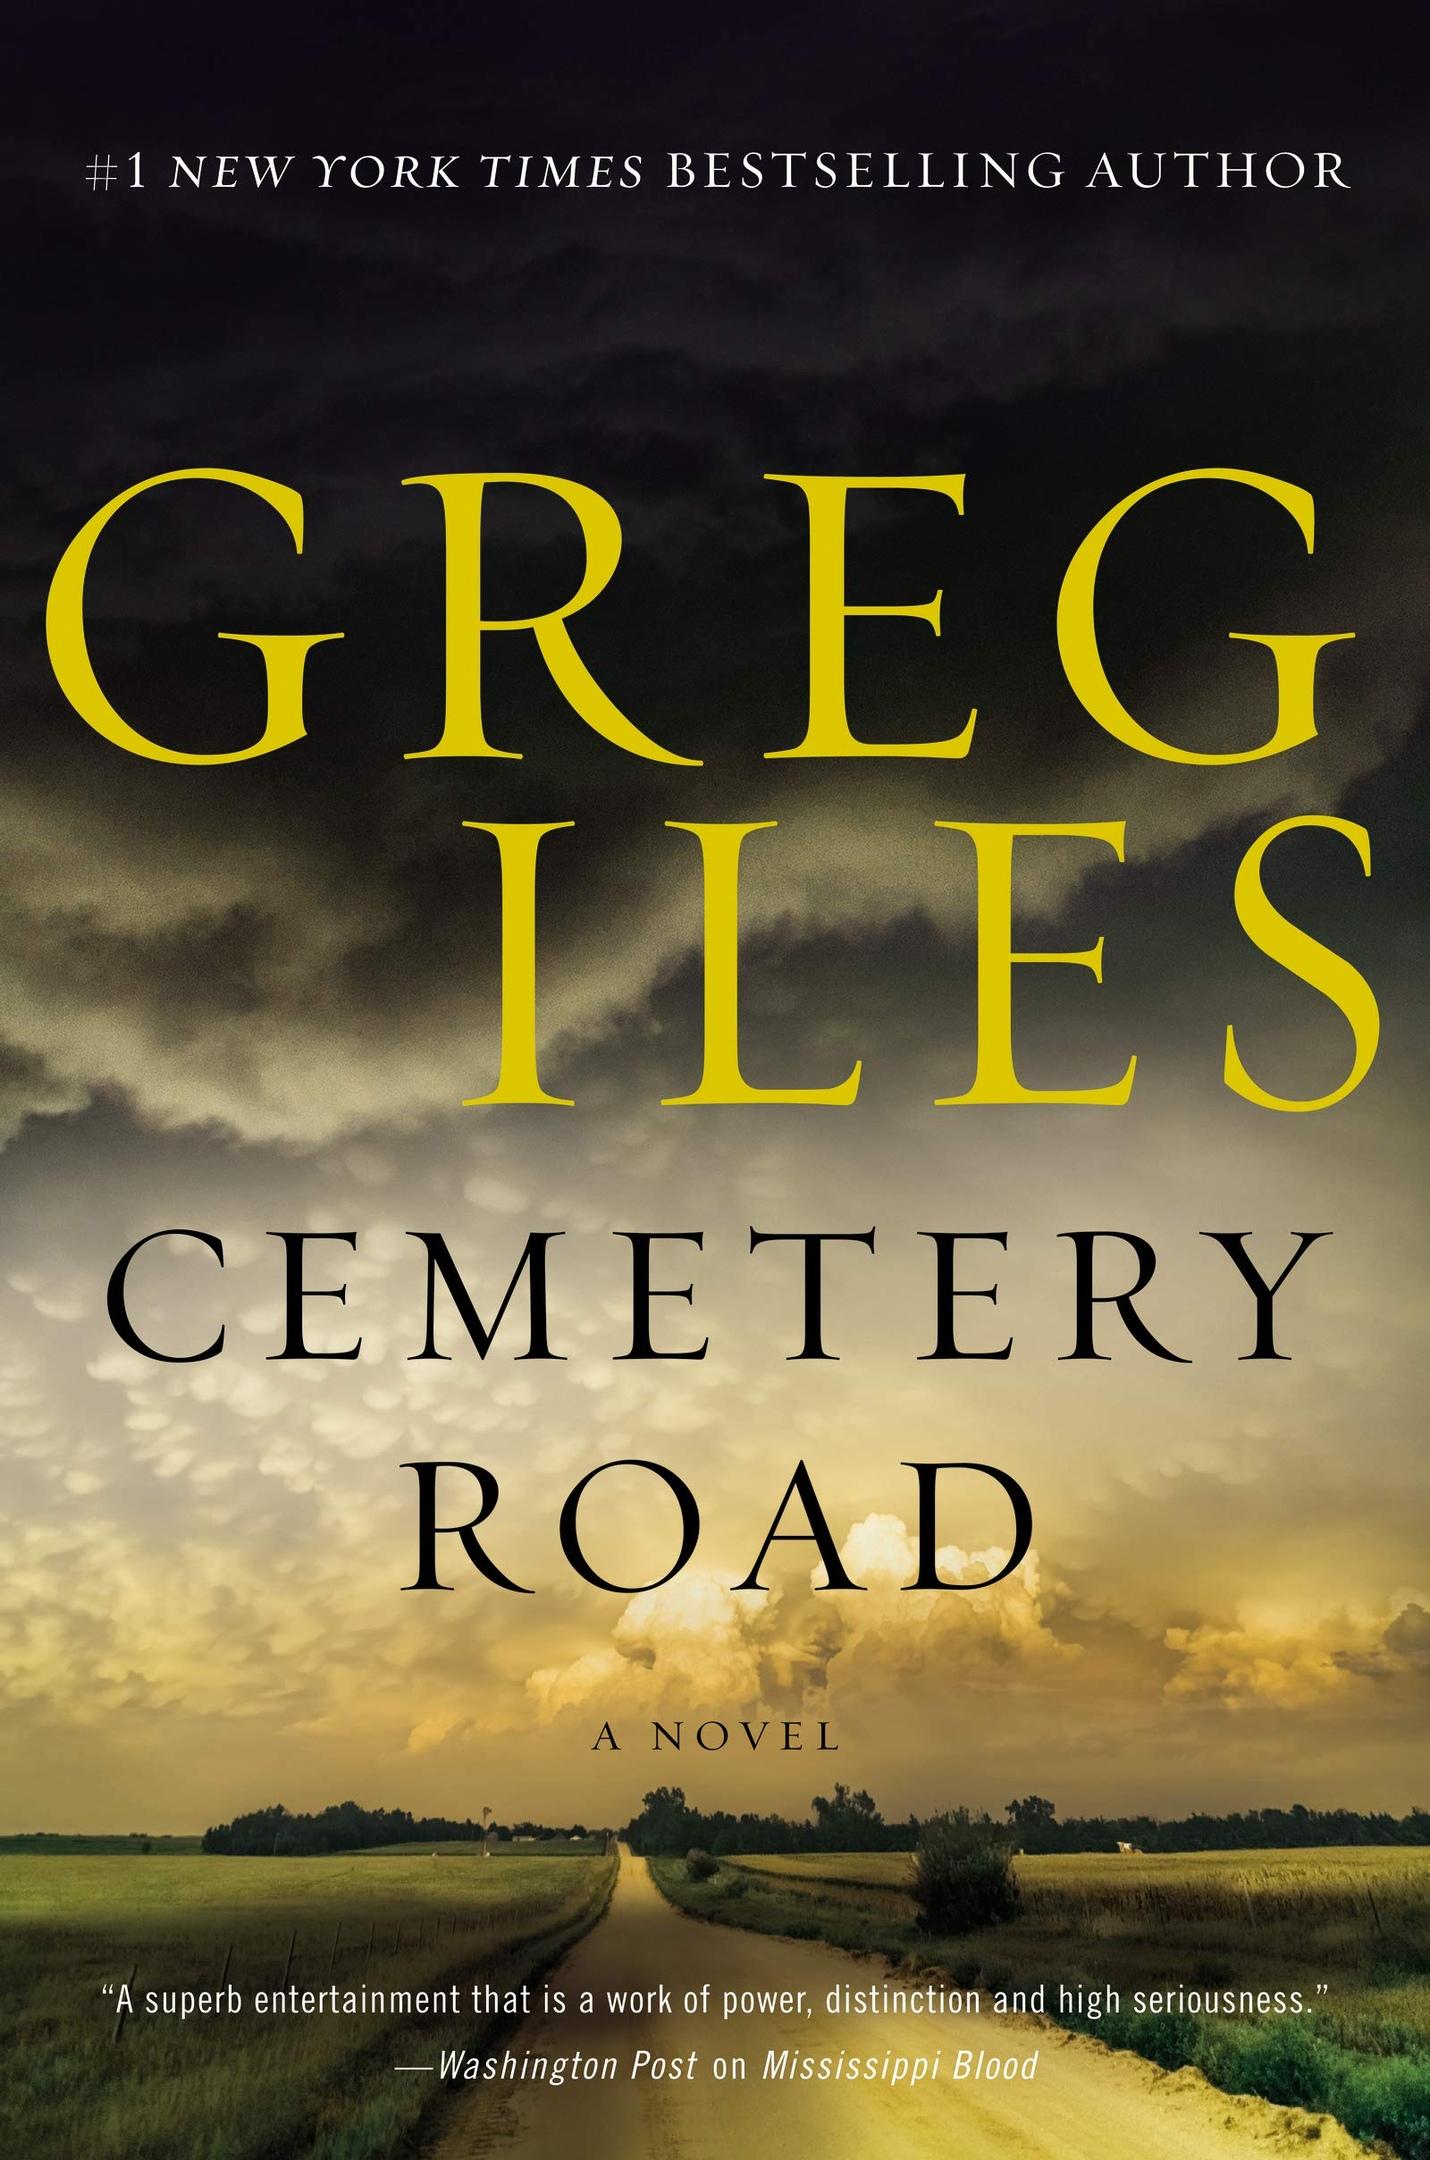 Greg Iles – Cemetery Road Genre: Author: